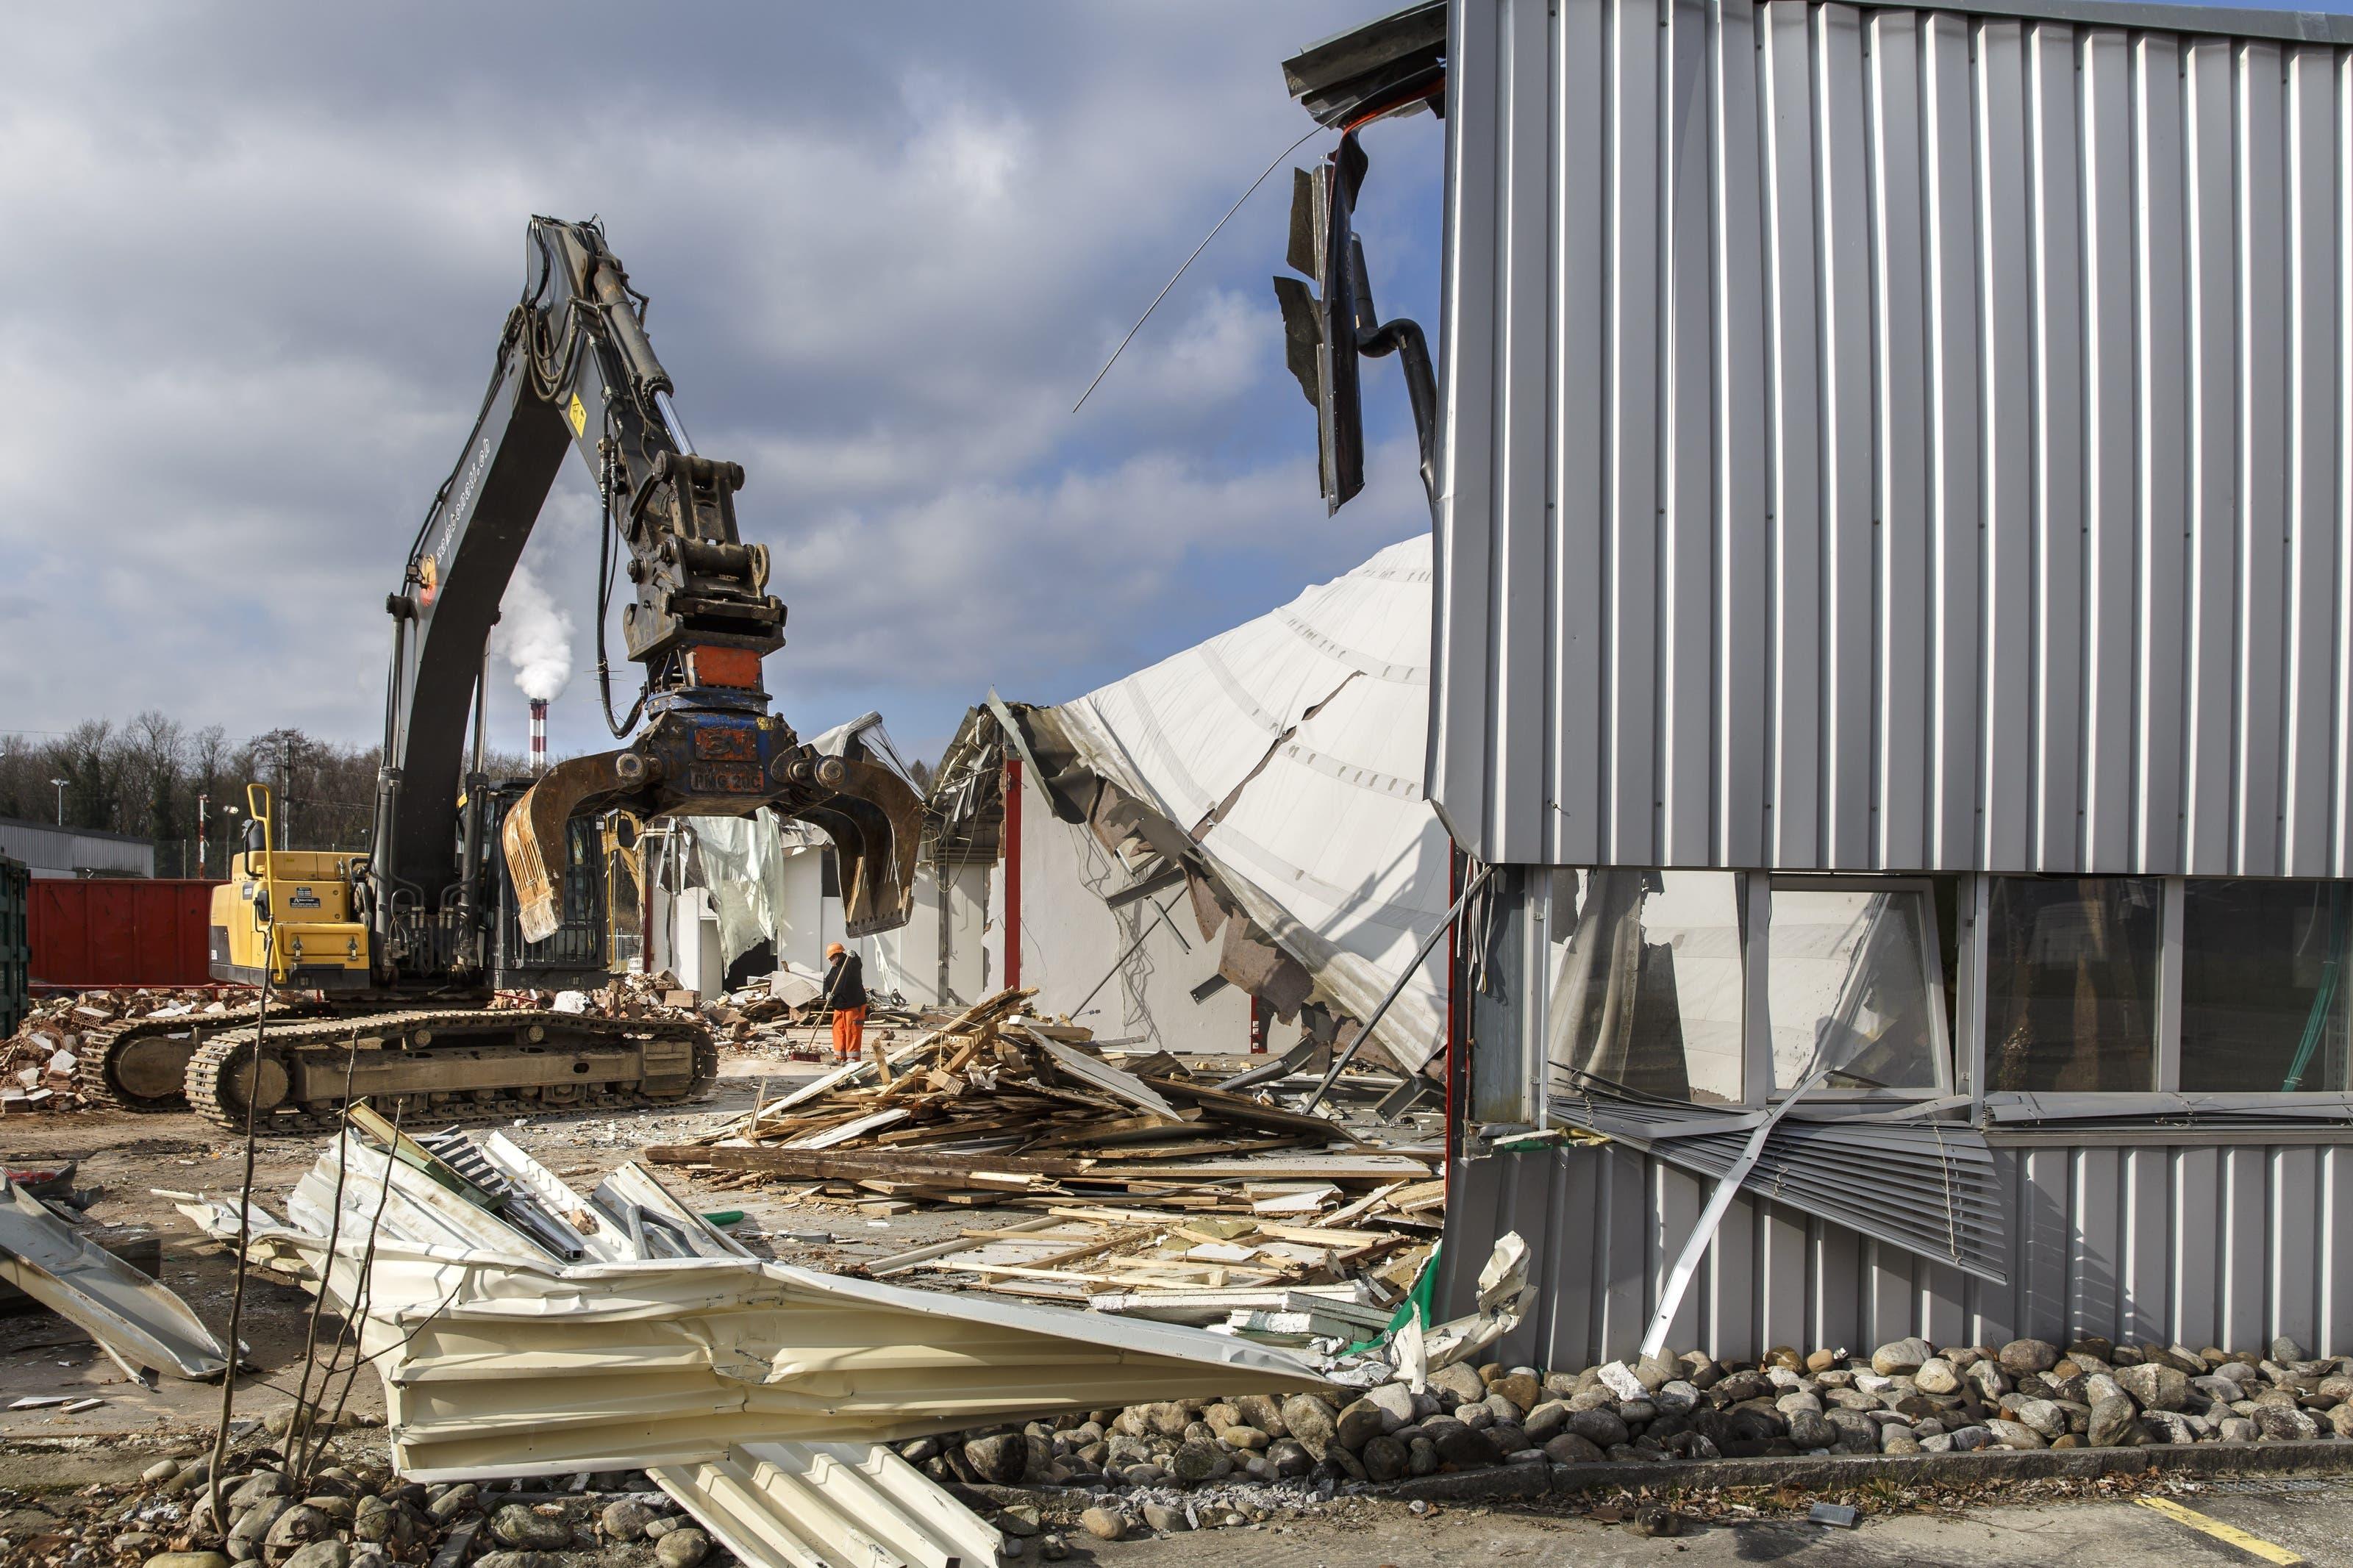 Die Produktionshalle wird abgerissen, um einem neuen Gebäude Platz zu machen